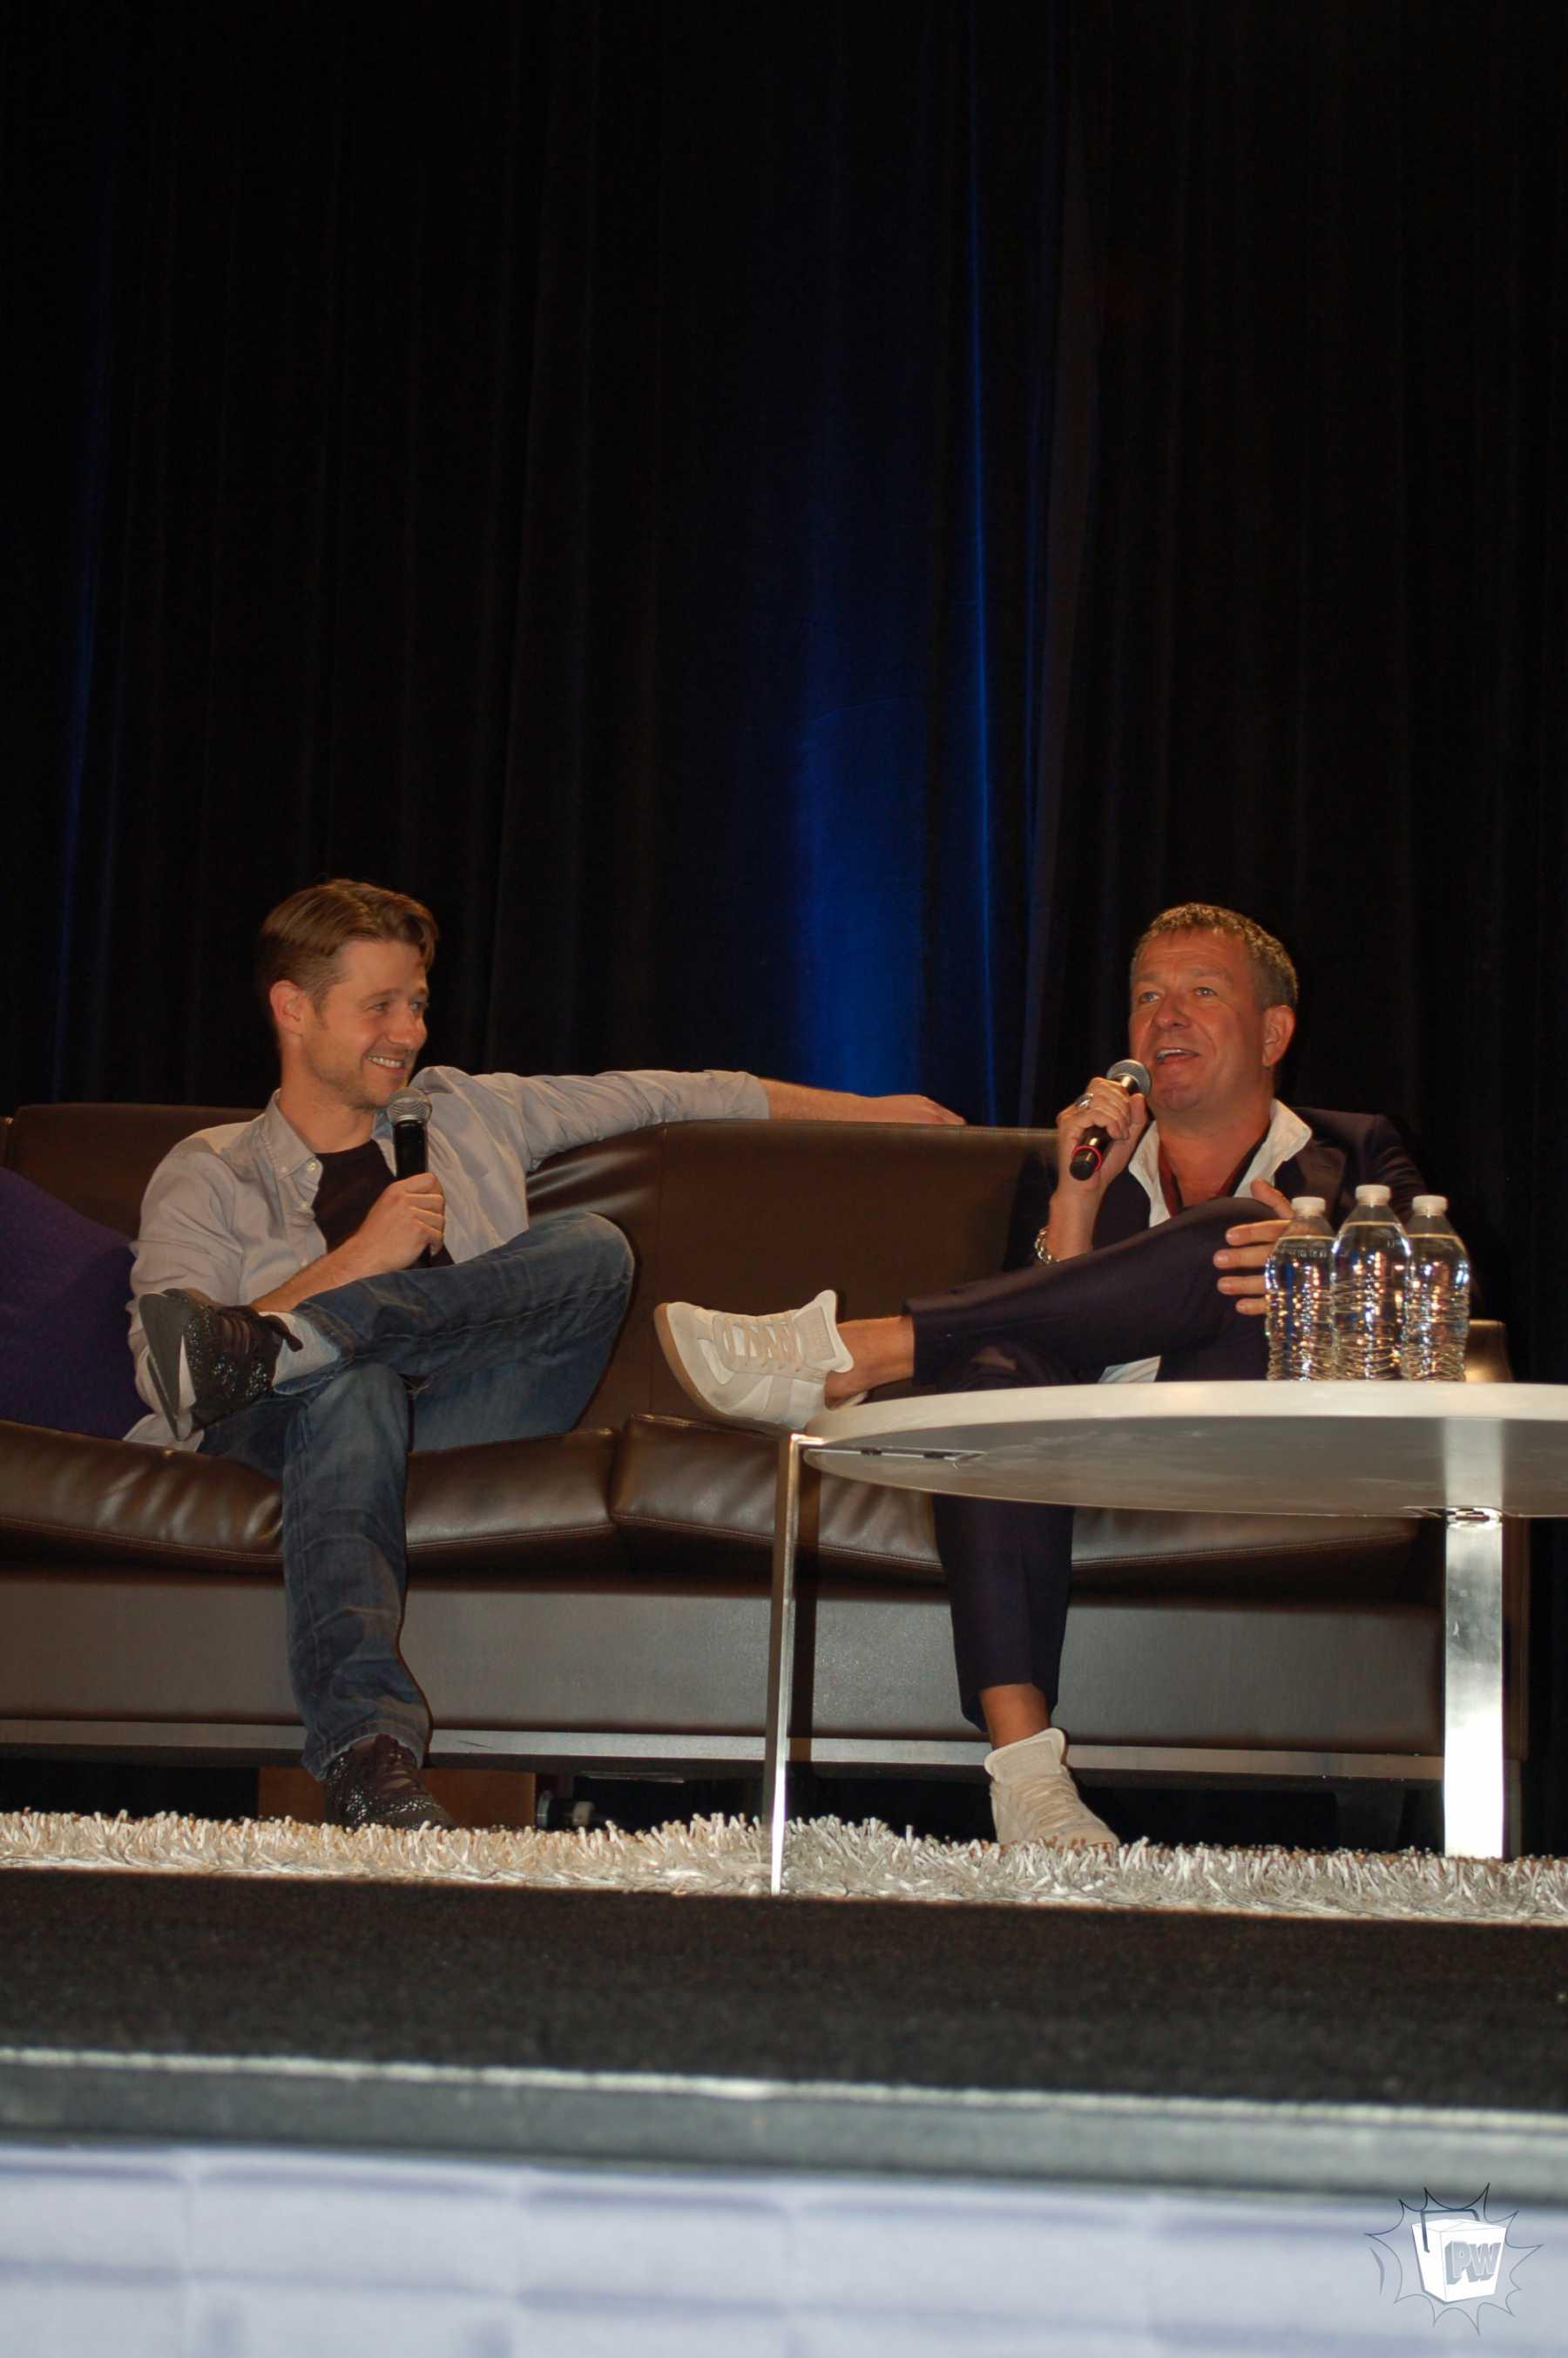 Ben McKenzie, Milo Ventimiglia: Gotham At Wizard World Chicago | Gotham